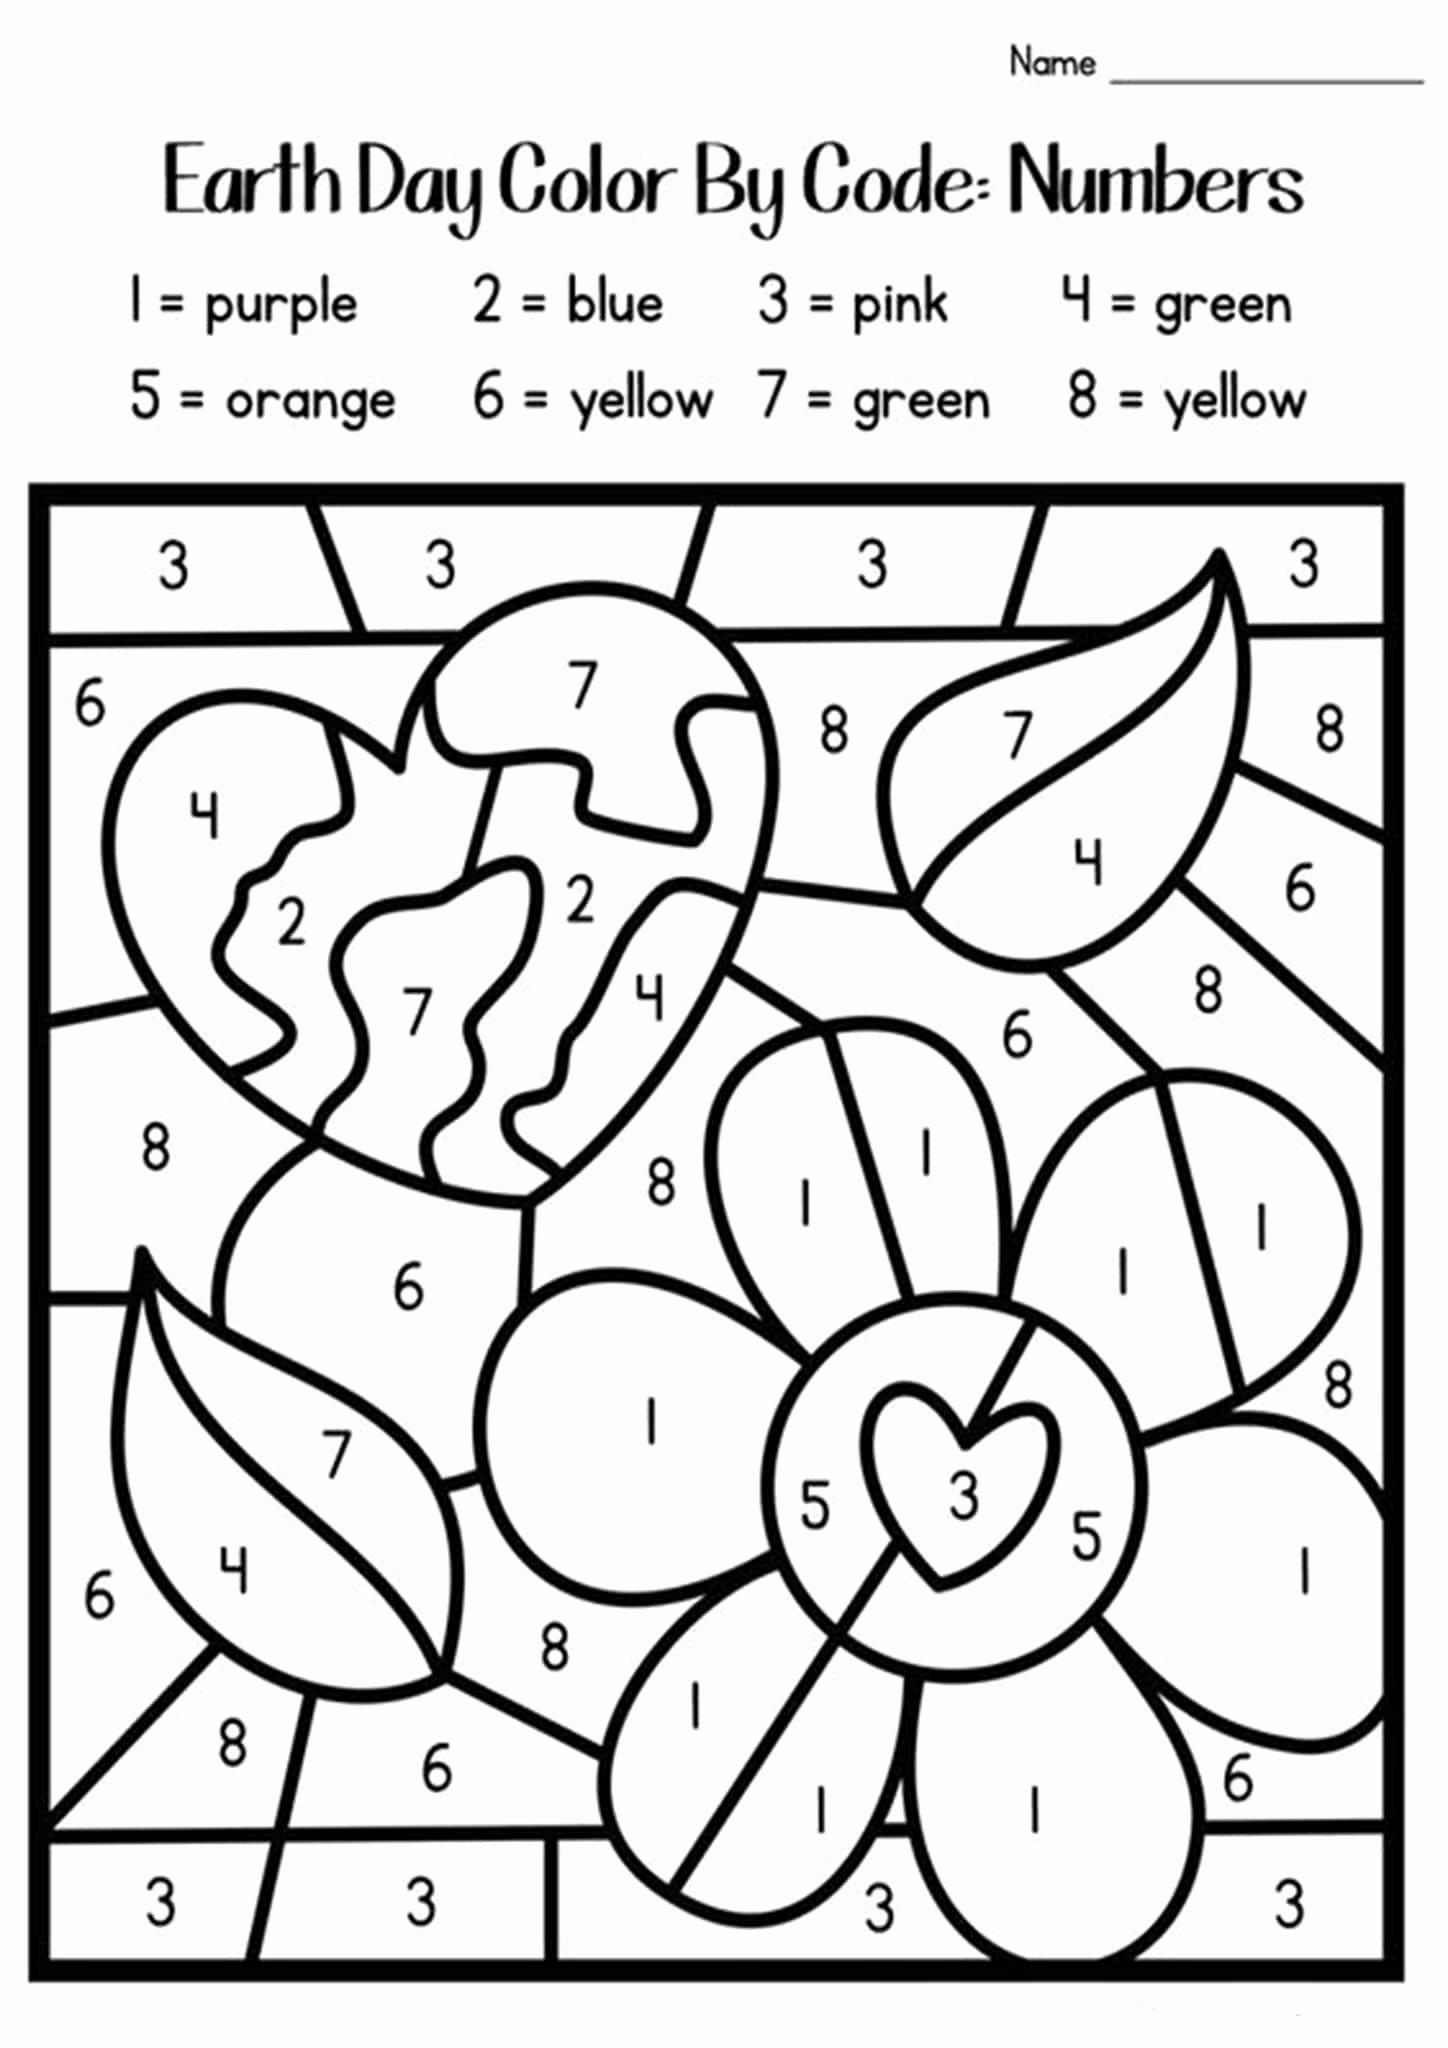 Kindergarten Color by Number Worksheets New Free Printable Color by Number Worksheets for Kindergarten